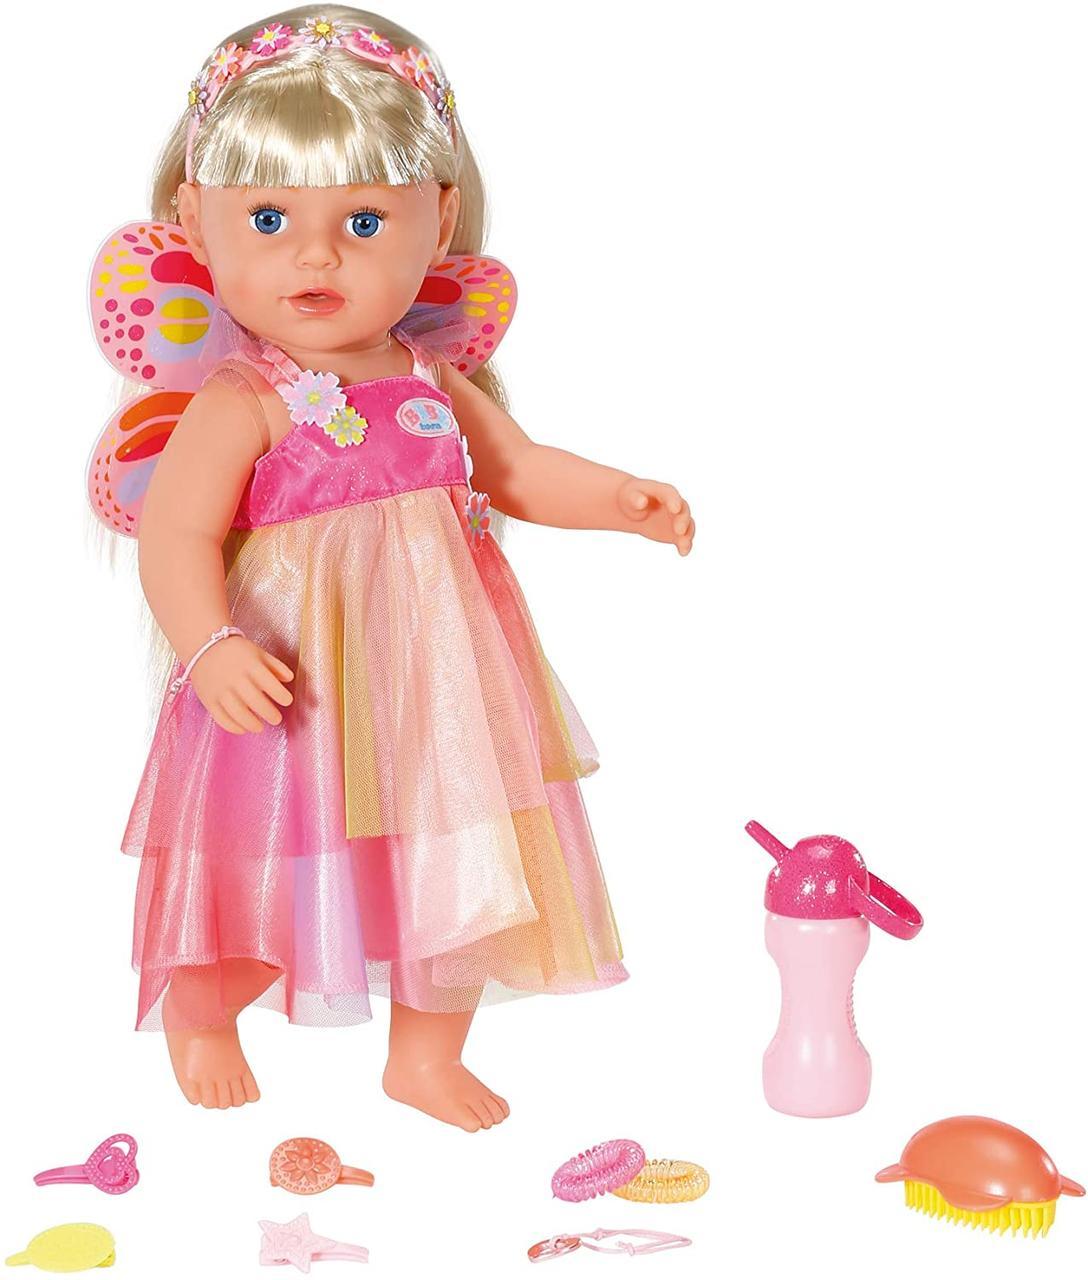 Кукла Baby Born Беби Борн старшая сестра Нежные объятия Сестричка-единорог Zapf Creation 829349